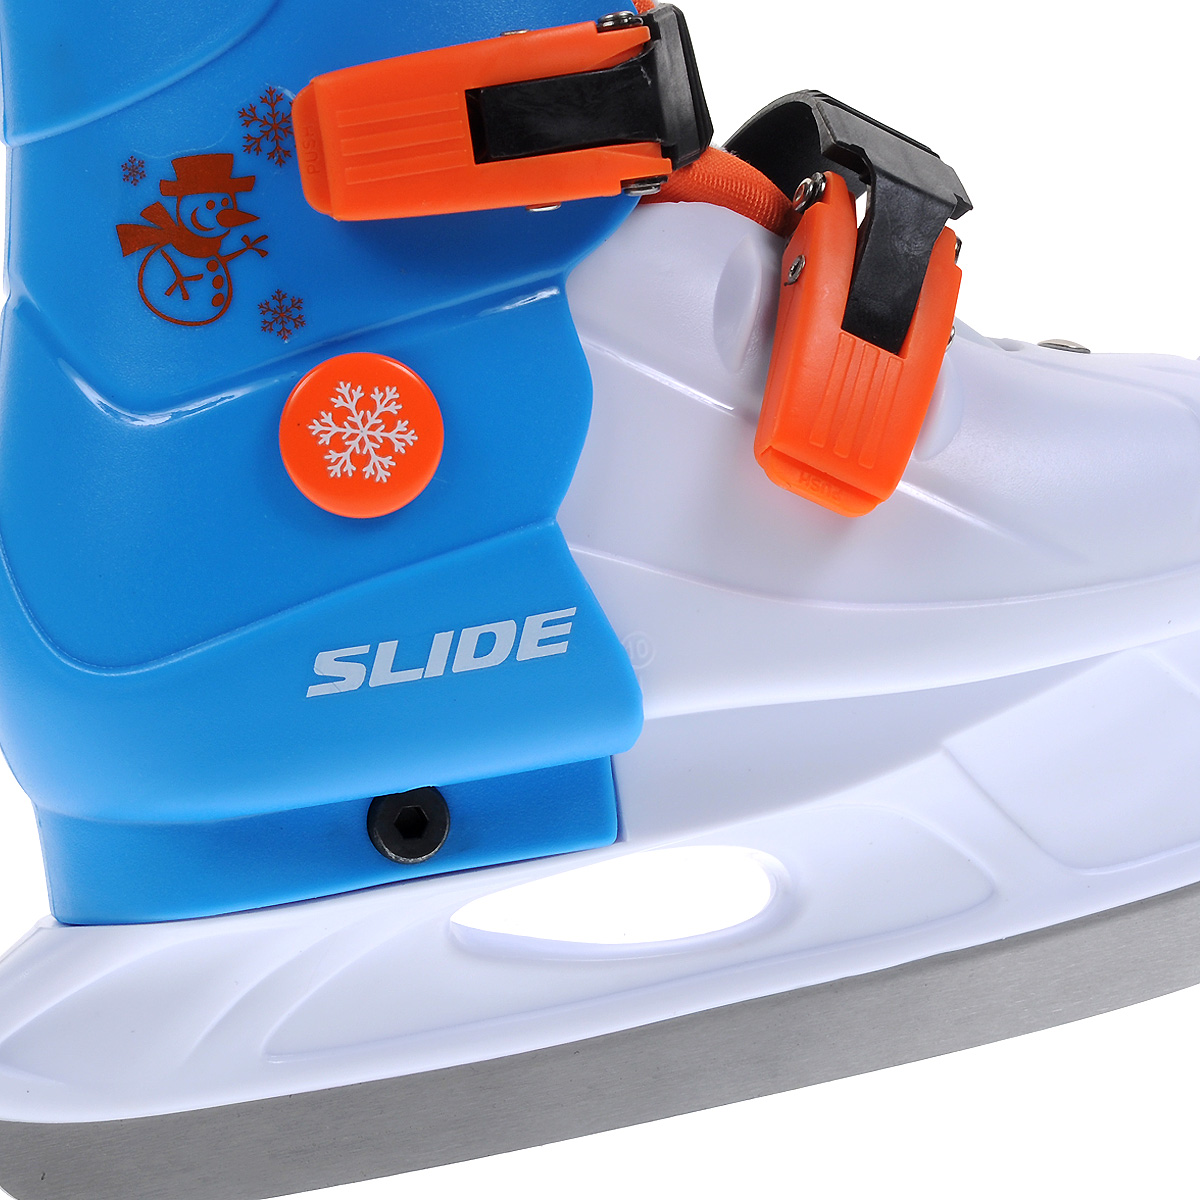 Коньки ледовые детские Larsen Slide, раздвижные, цвет:  белый, голубой, оранжевый.  Размер M (33/36) Larsen